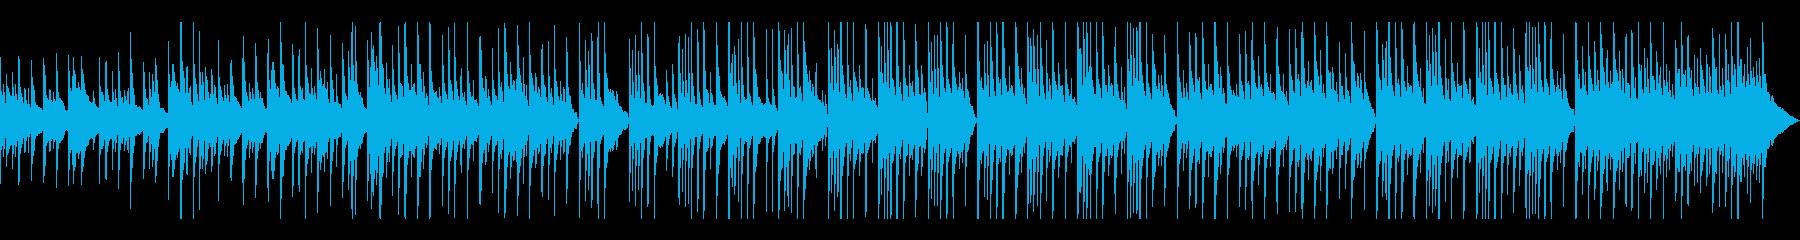 悲しくて切ないピアノバラードの再生済みの波形